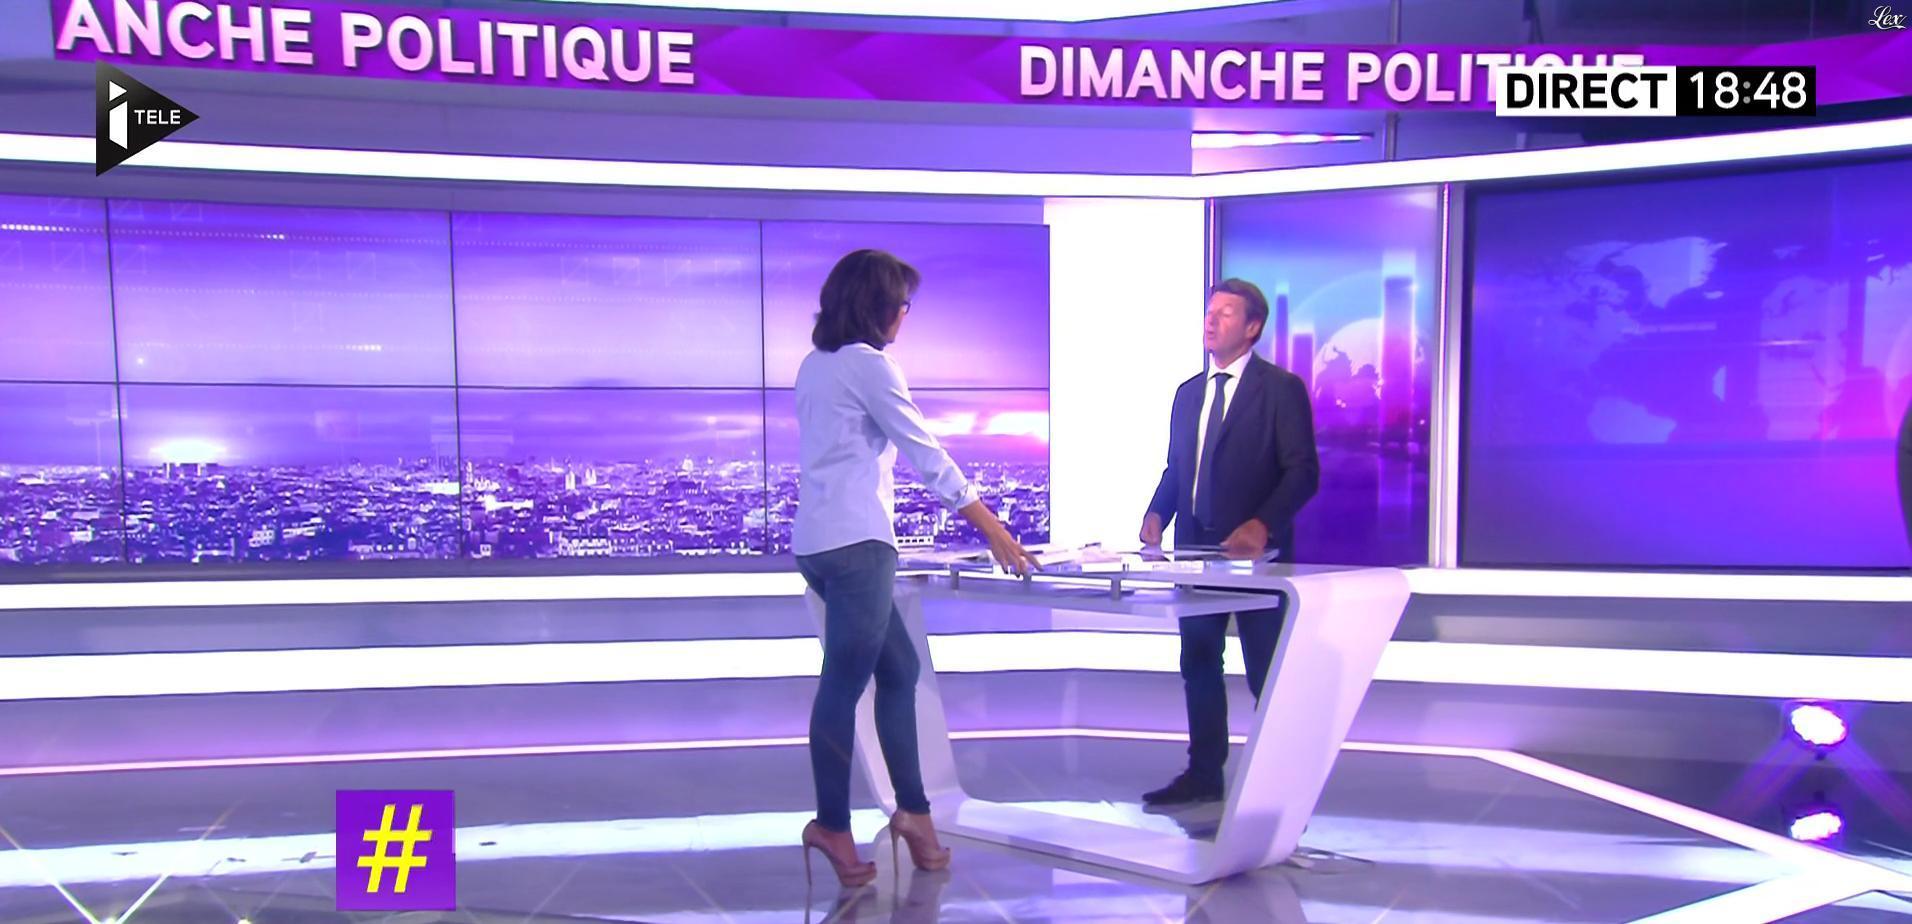 Audrey Pulvar dans Dimanche Politique. Diffusé à la télévision le 04/09/16.